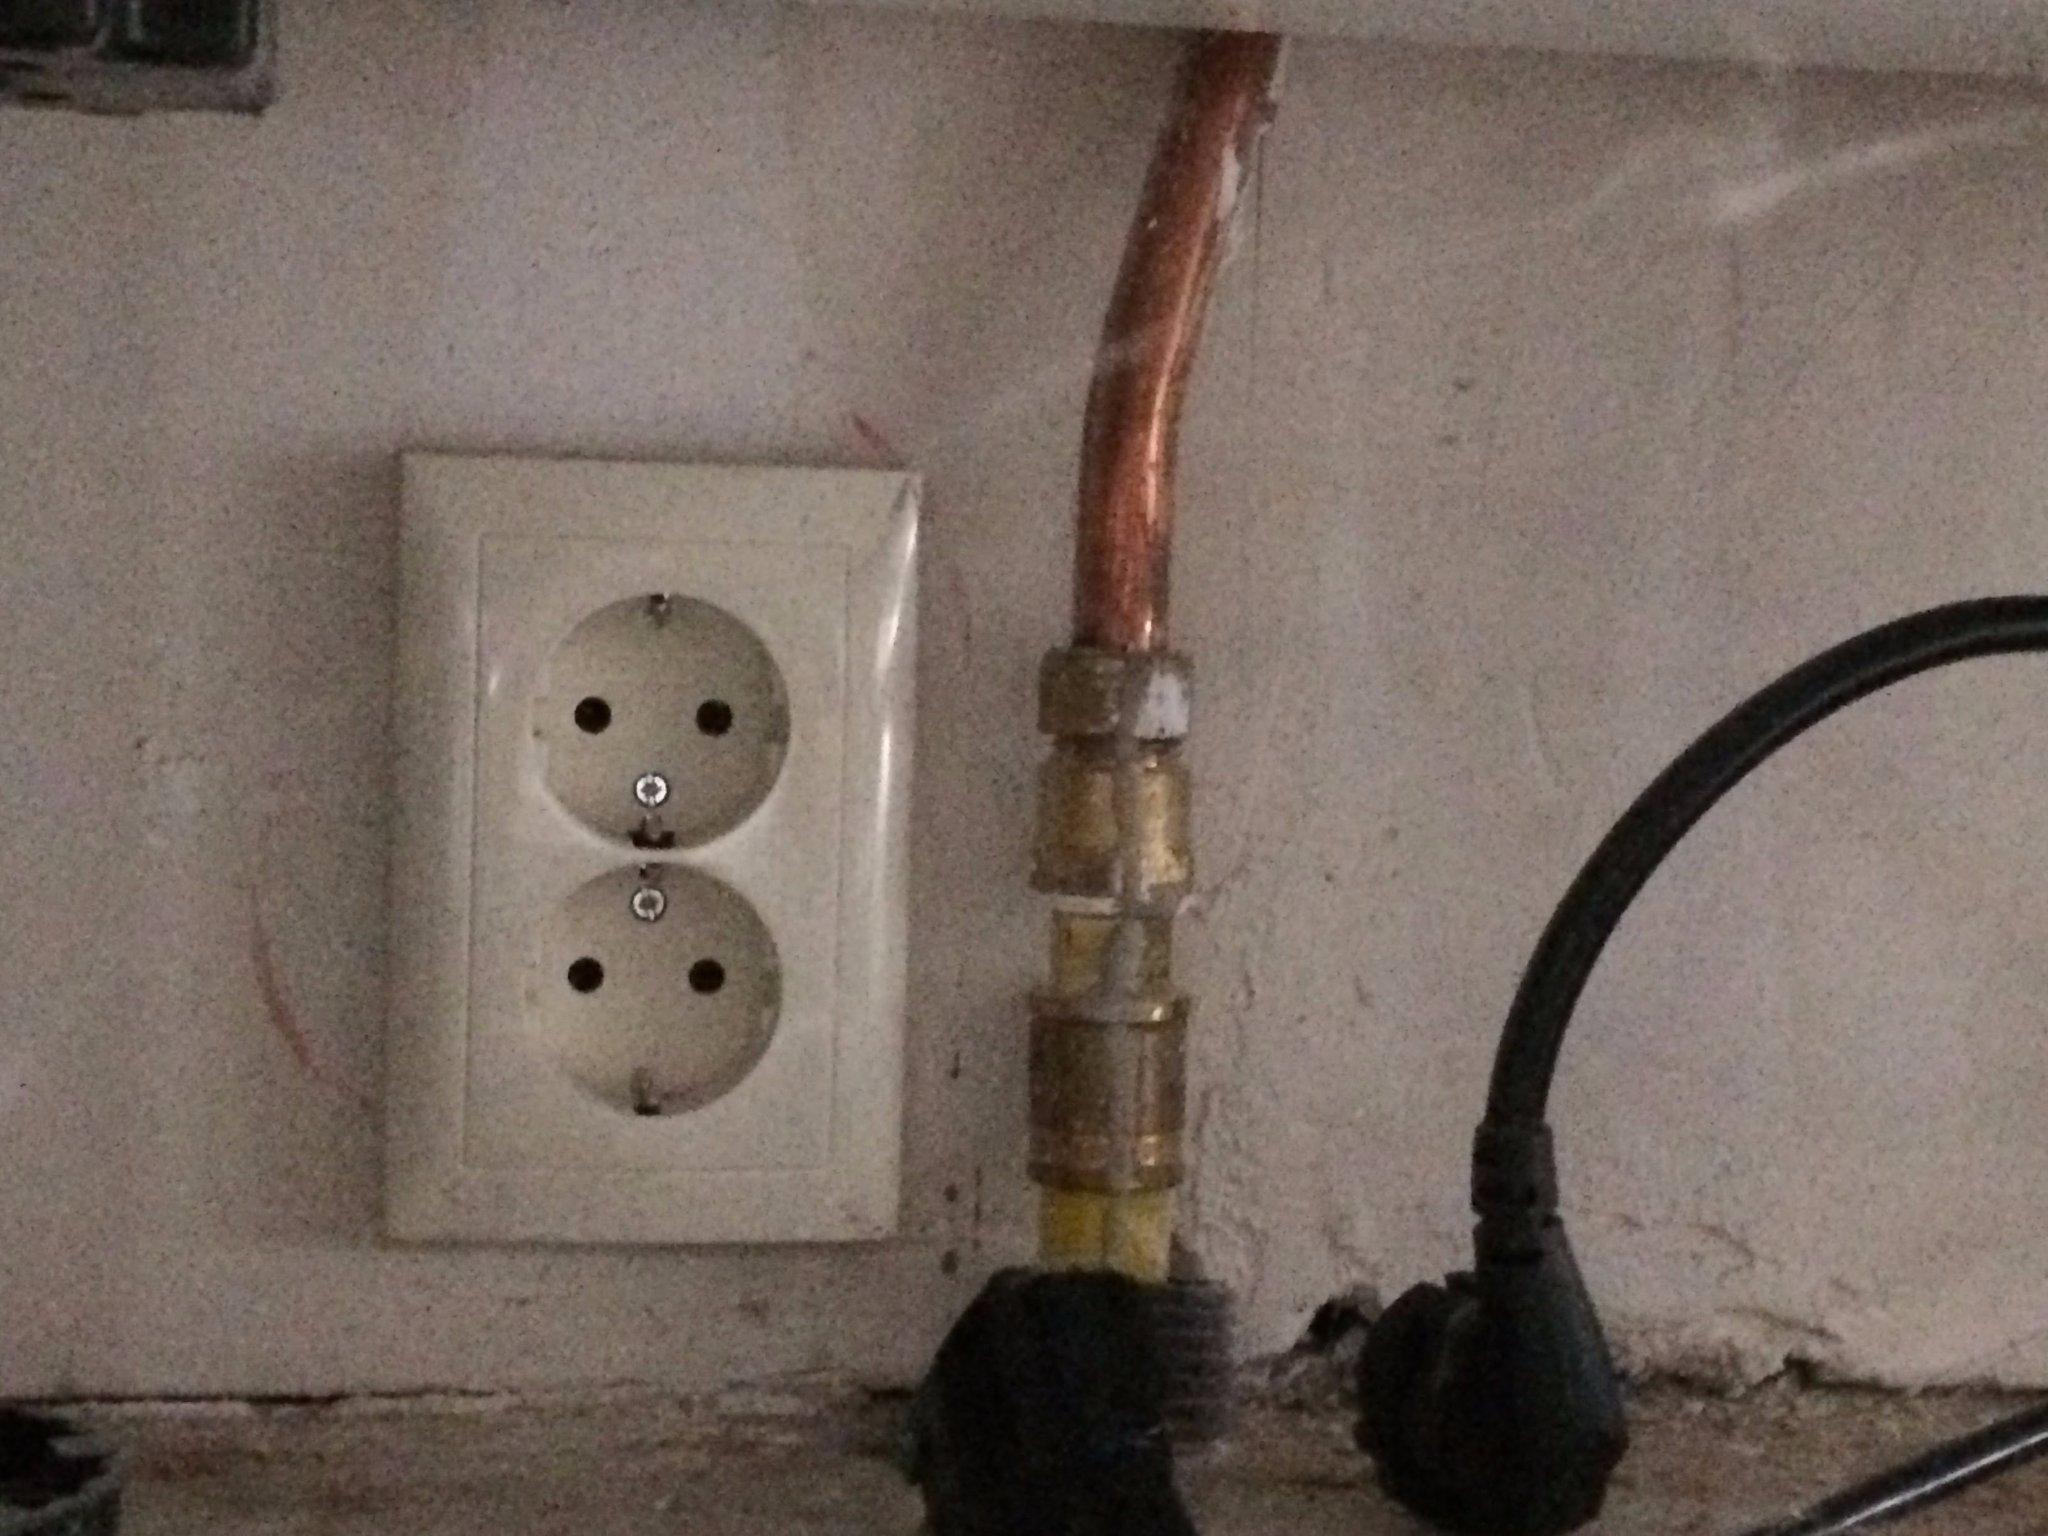 Favoriete perilex wandcontactdoos aanleggen met aansluiting in meterkast RZ08